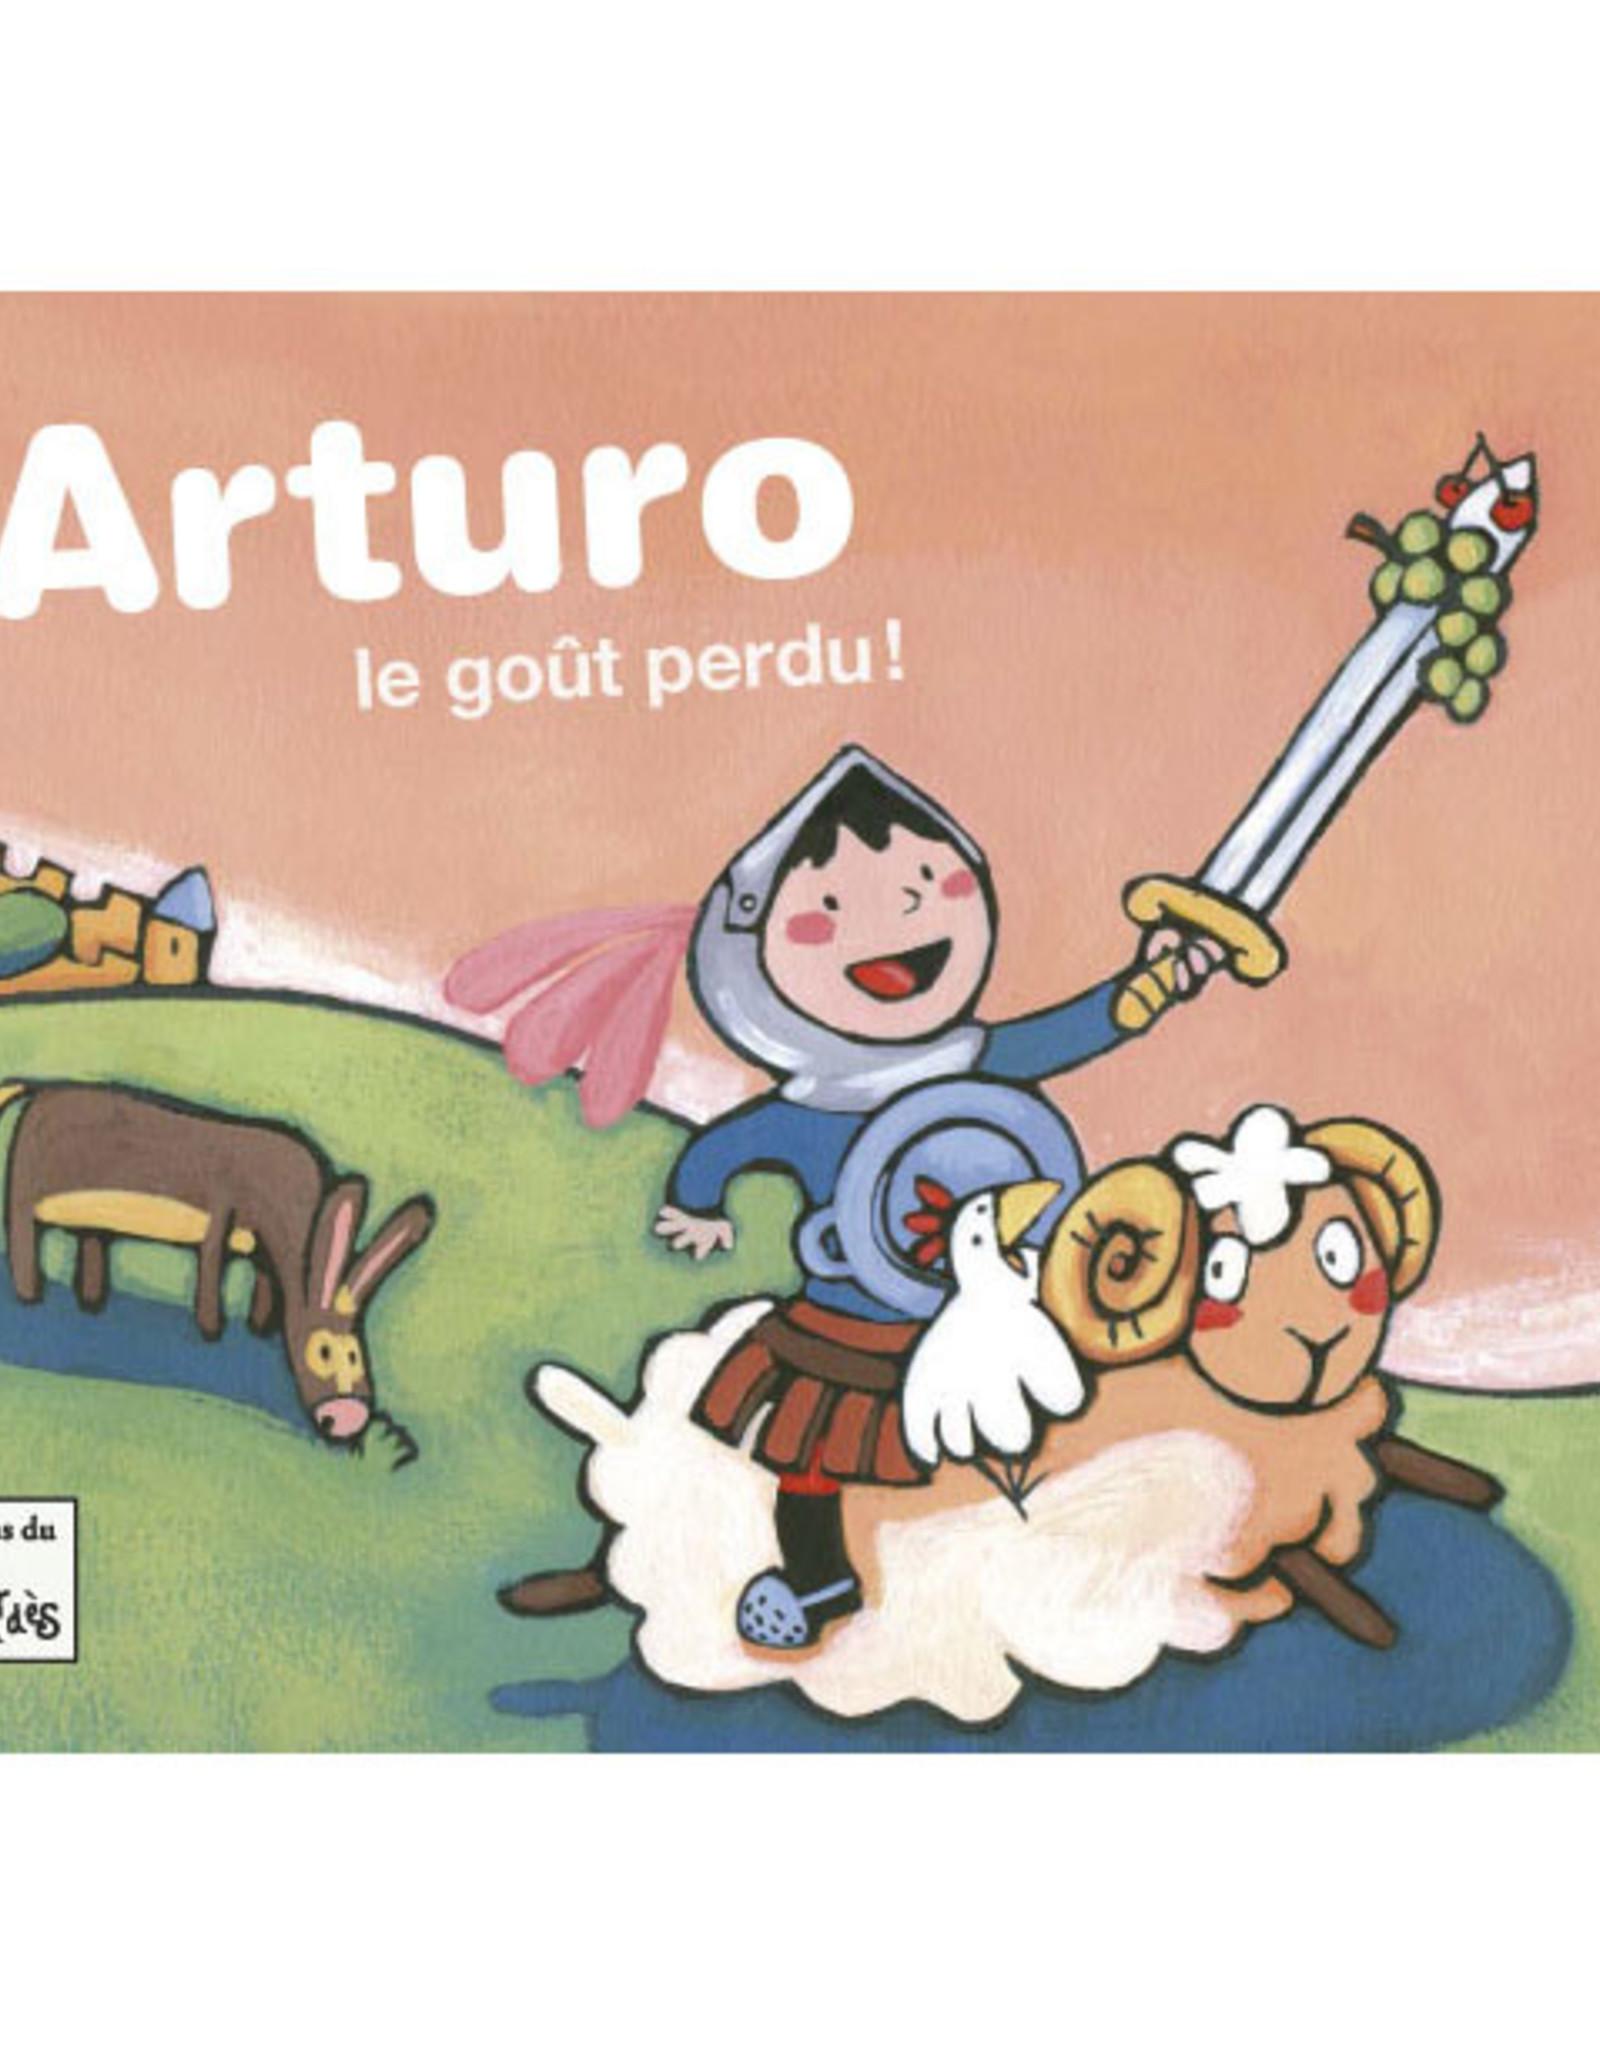 L-Arturo le goût perdu